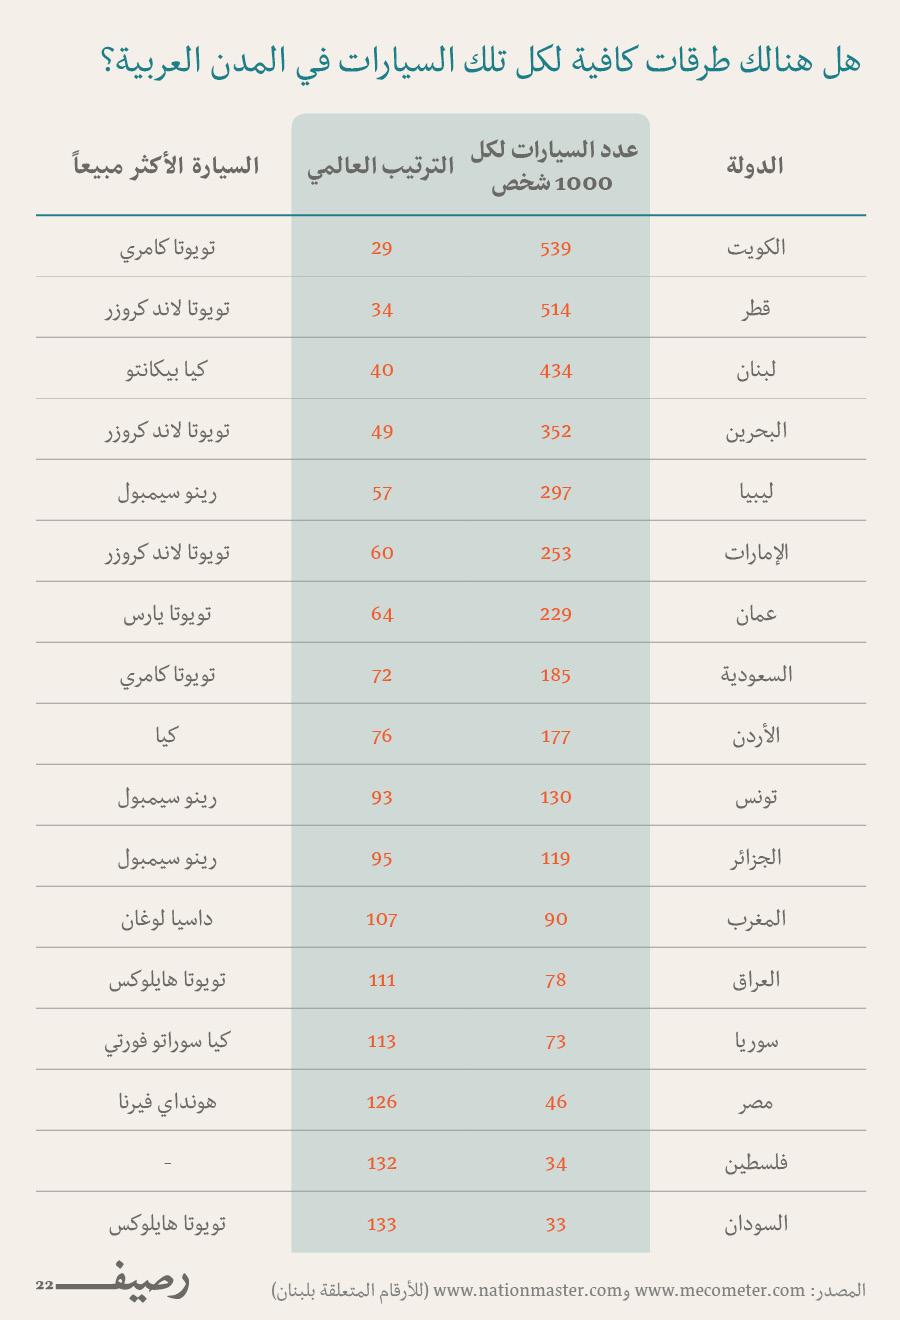 الازدحام المروري في العالم العربي - هل هناك طرقات كافية